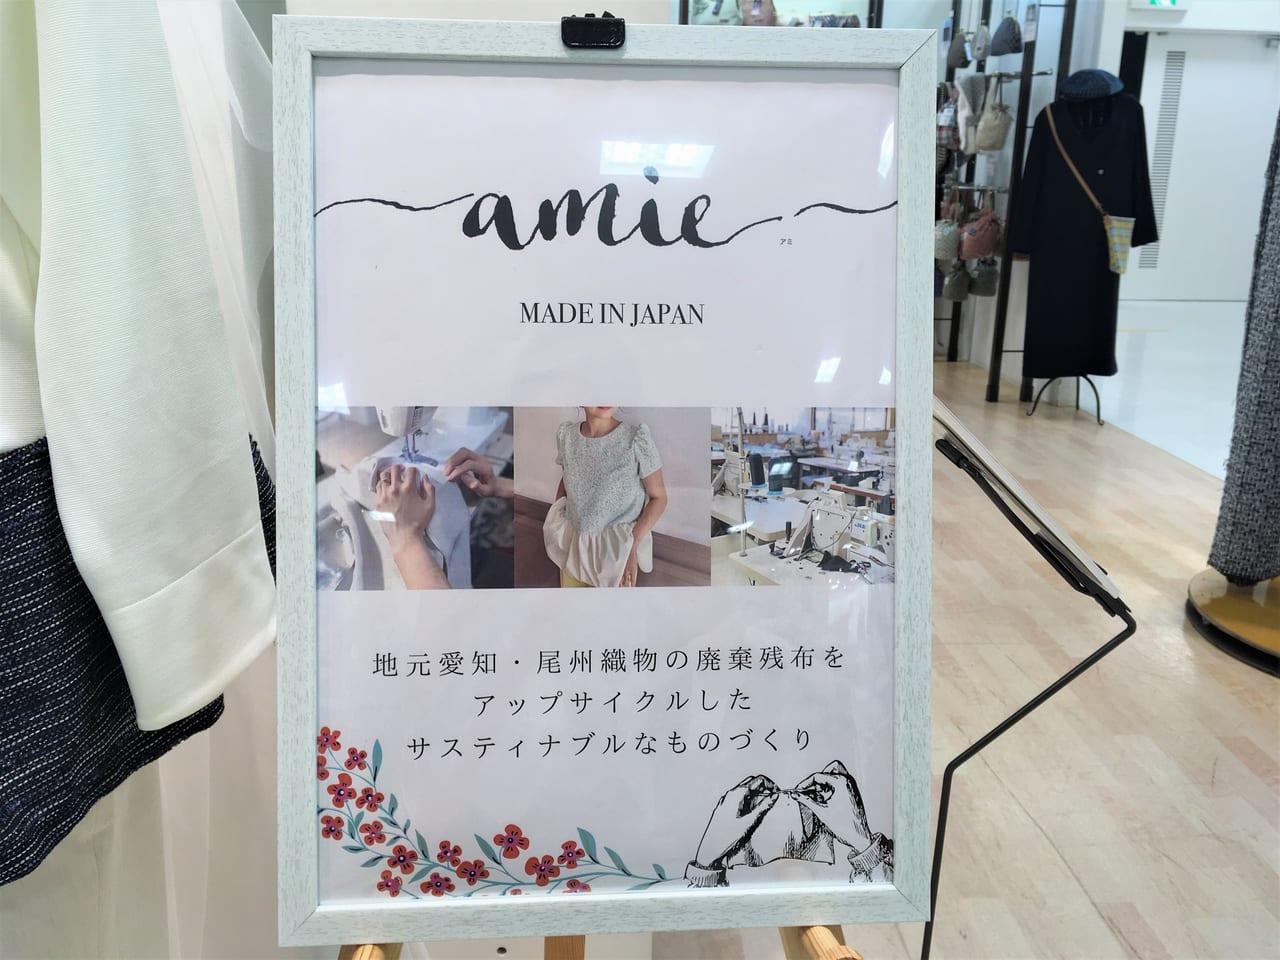 名鉄百貨店一宮店4階 shinsei シンセイ111の看板